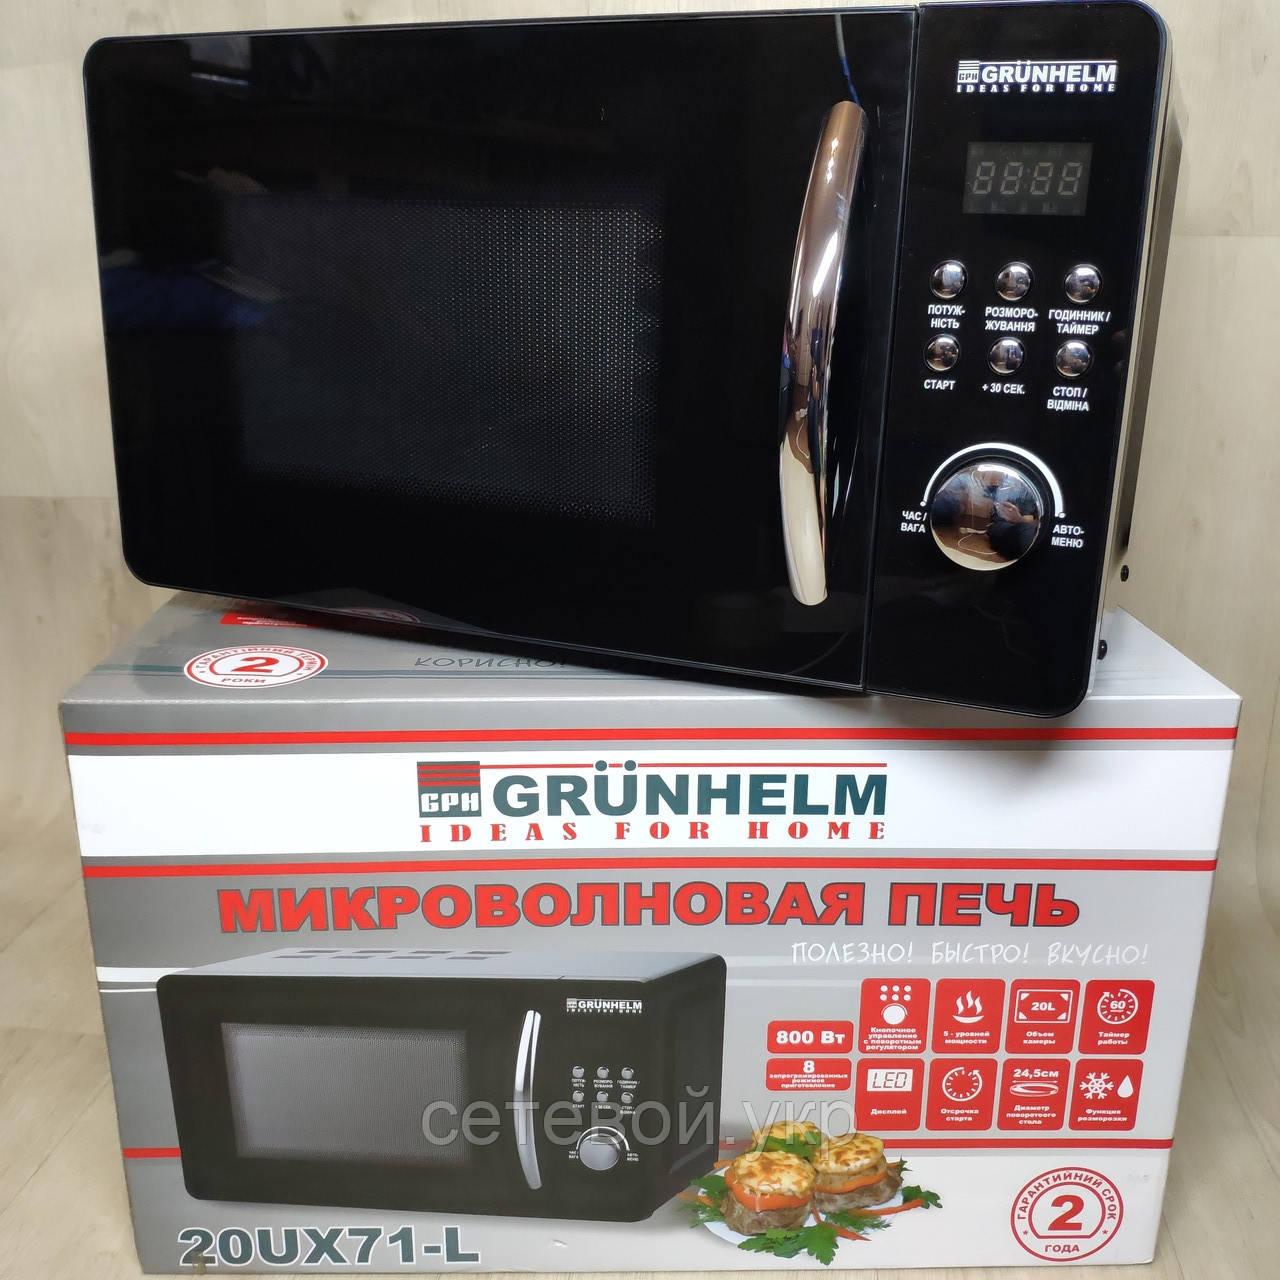 Мікрохвильова піч Grunhelm 20UX71-L